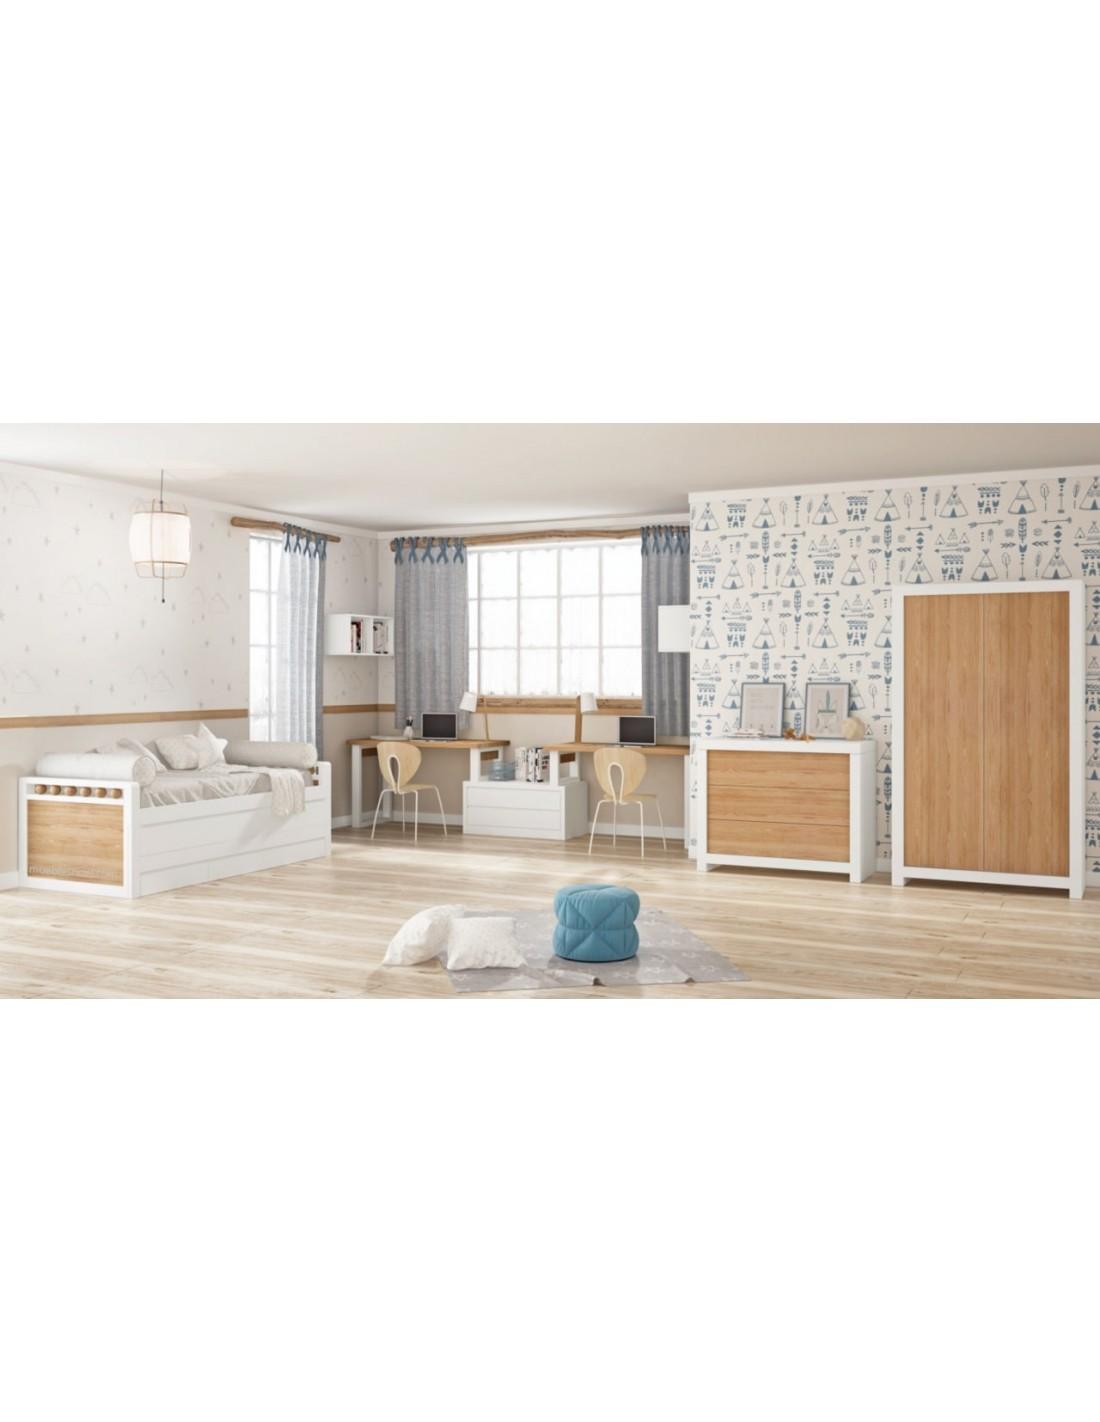 Dormitorio juvenil lacado blanco con detalles en madera.